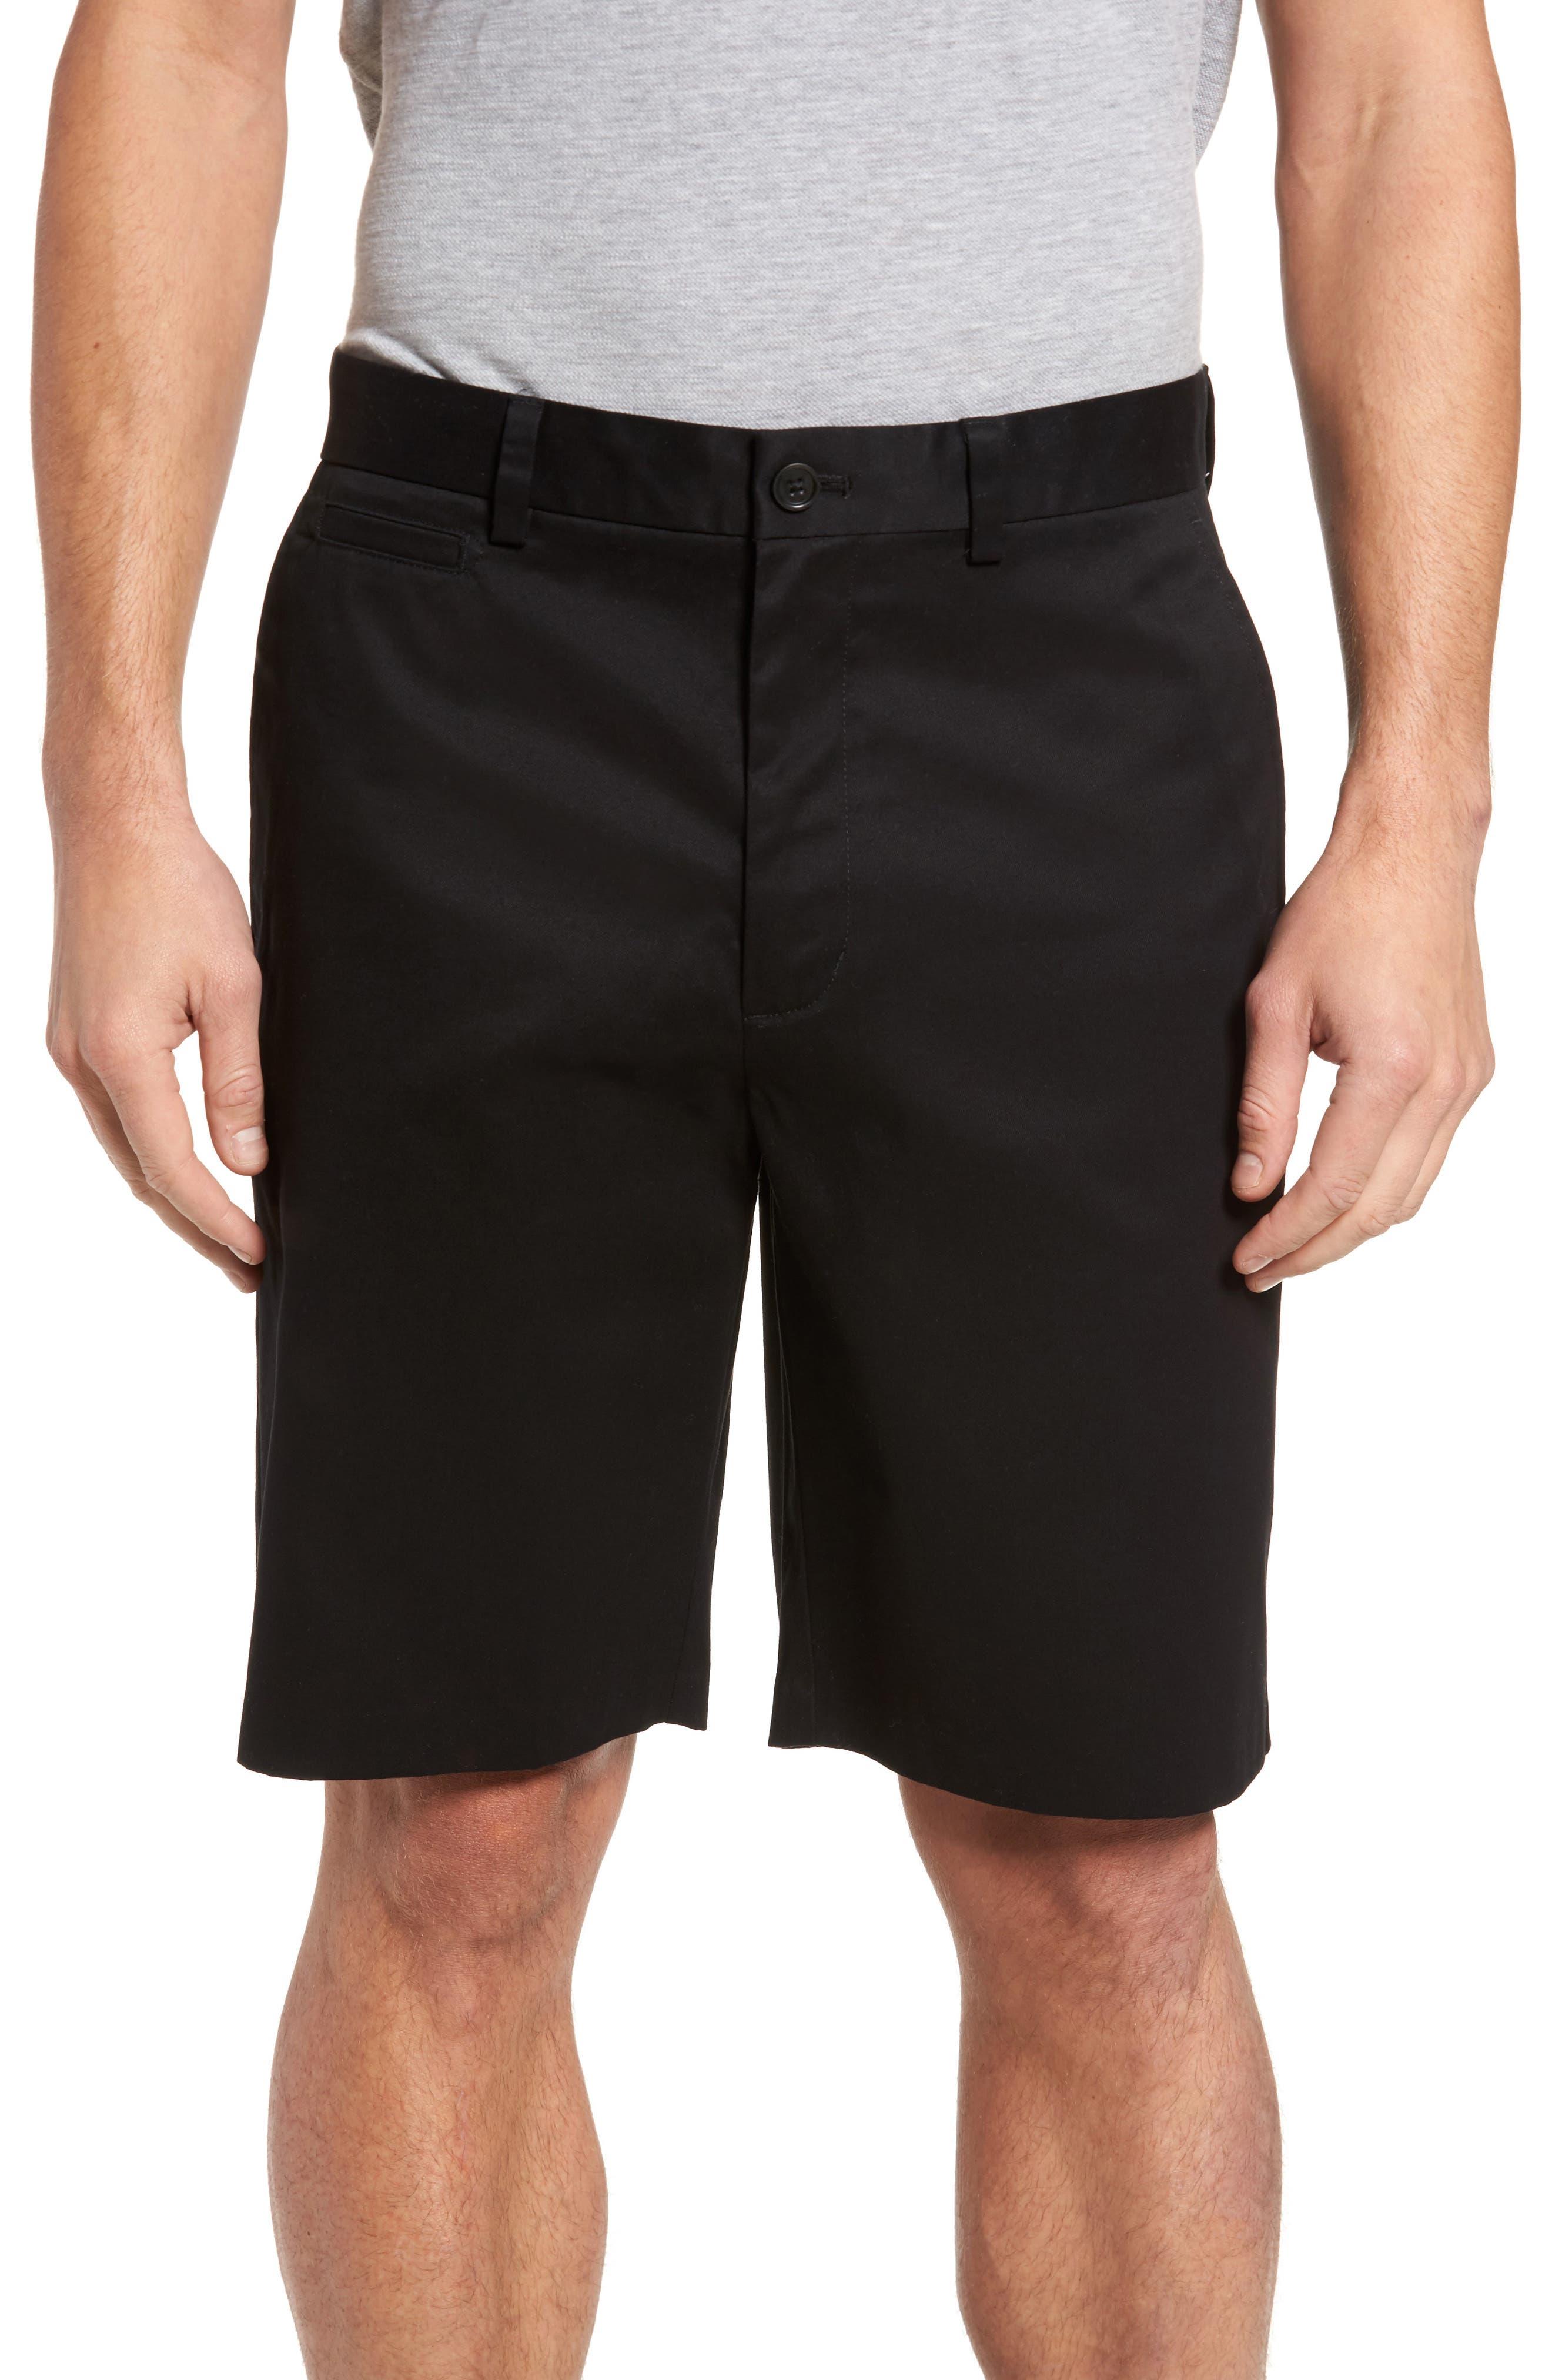 NORDSTROM MEN'S SHOP, Smartcare<sup>™</sup> Flat Front Shorts, Main thumbnail 1, color, BLACK